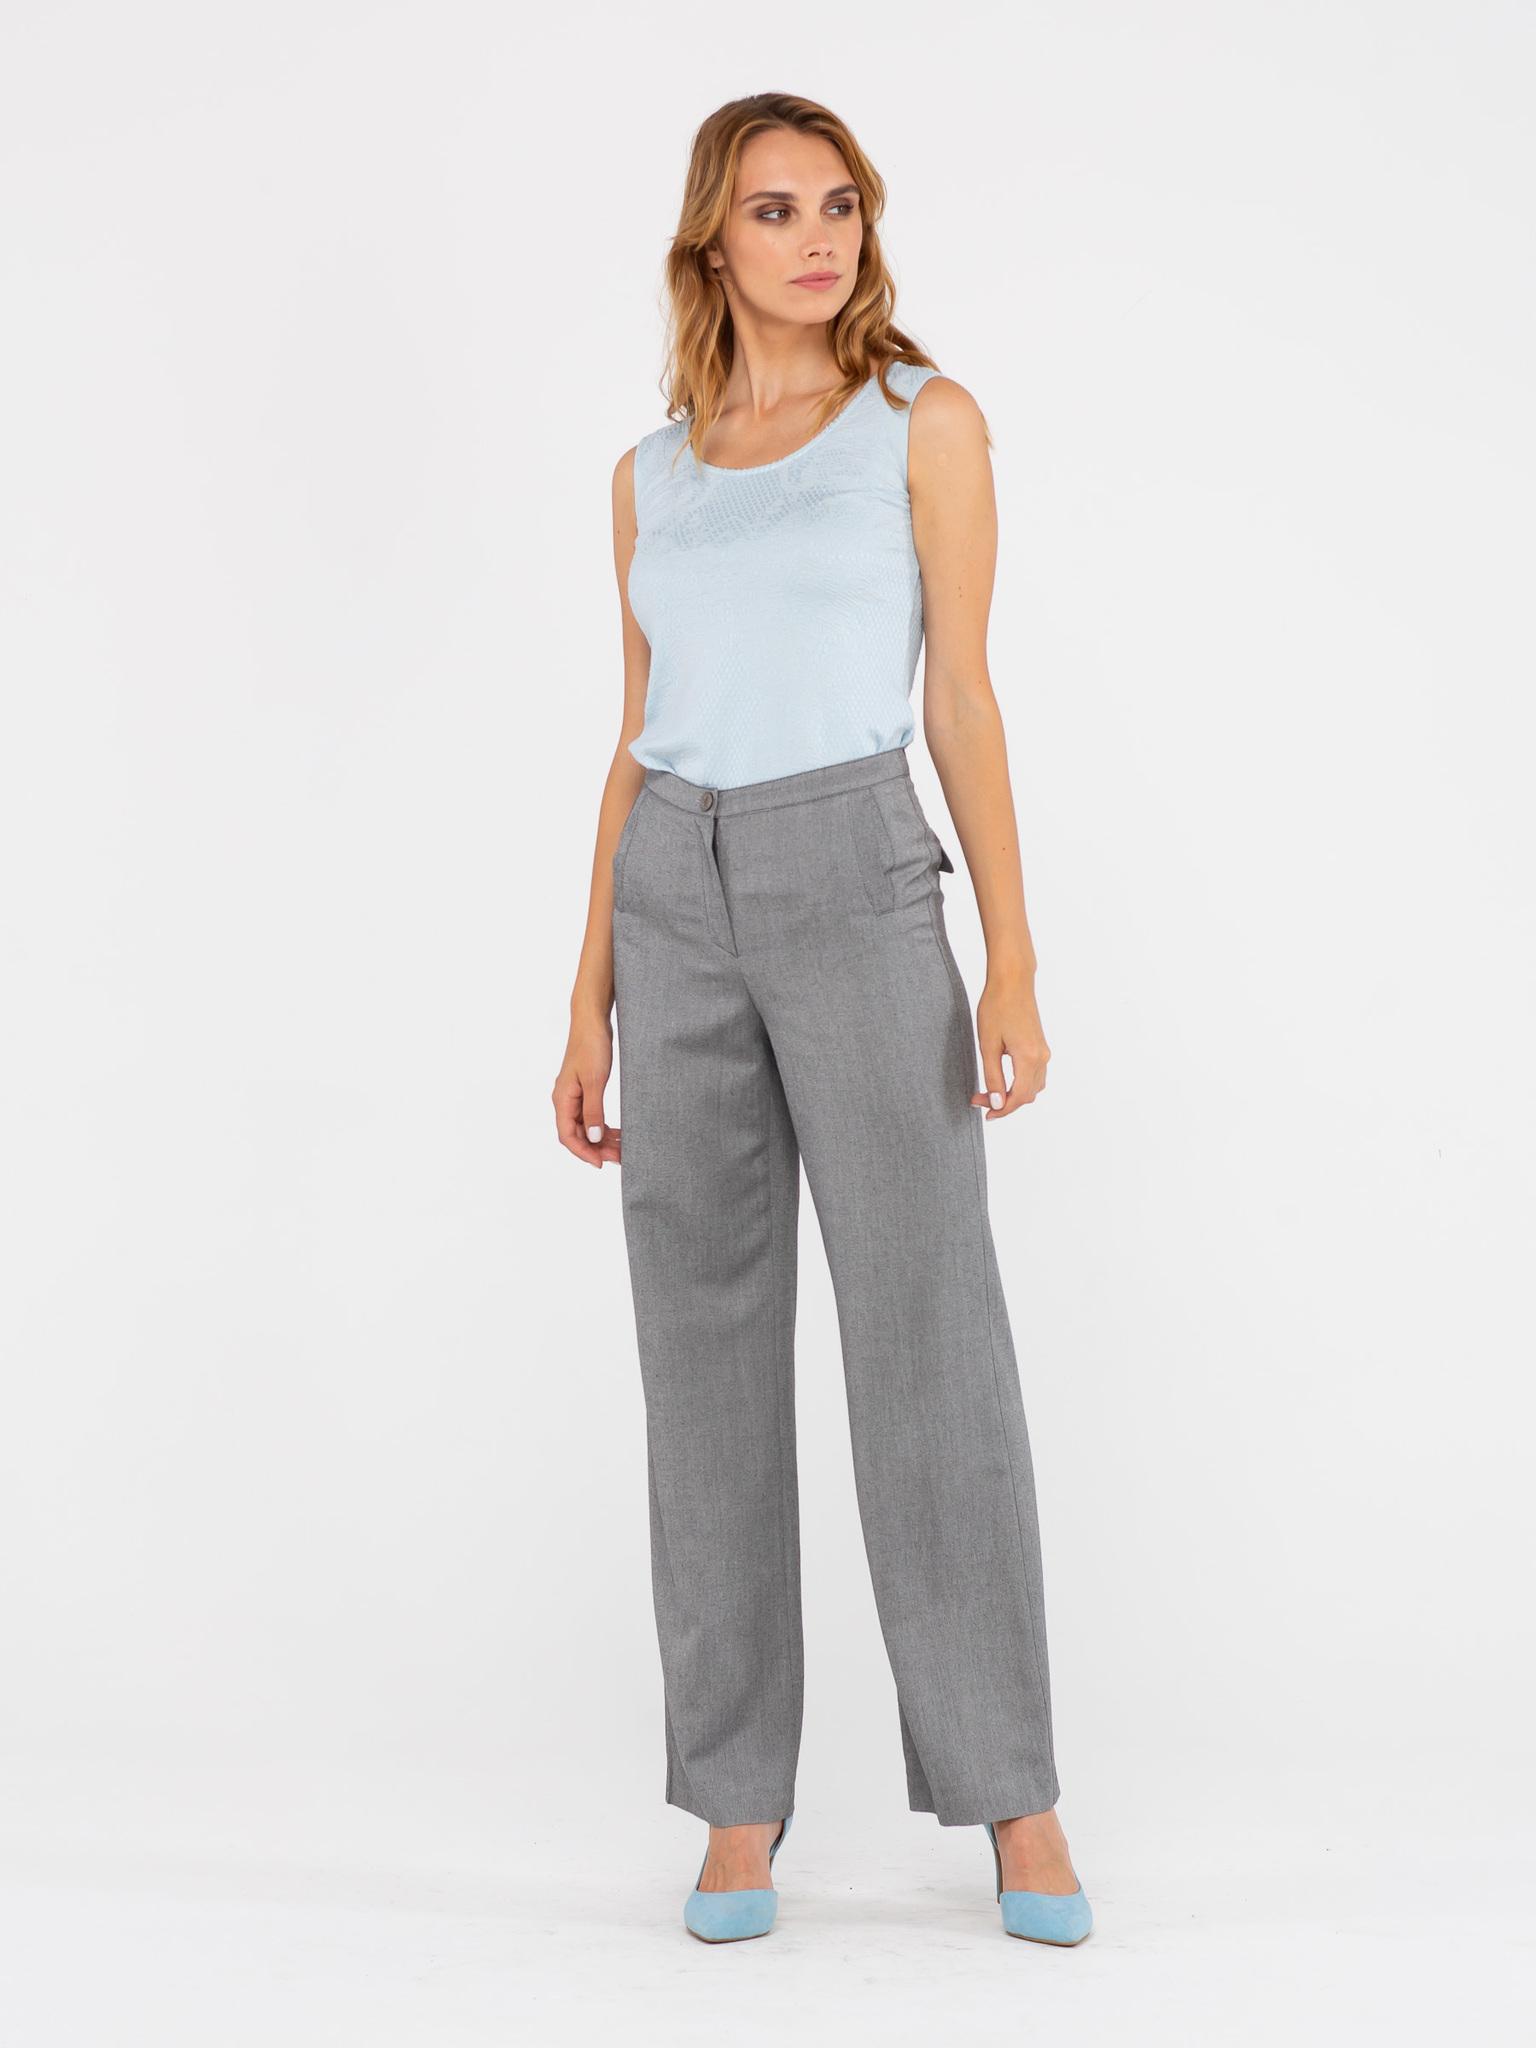 Брюки А438-342 - Стильные широкие брюки-палаццо из струящейся ткани. Эта модель прекрасно подойдет как для повседневной жизни, так и для праздничного образа или работы в офисе.